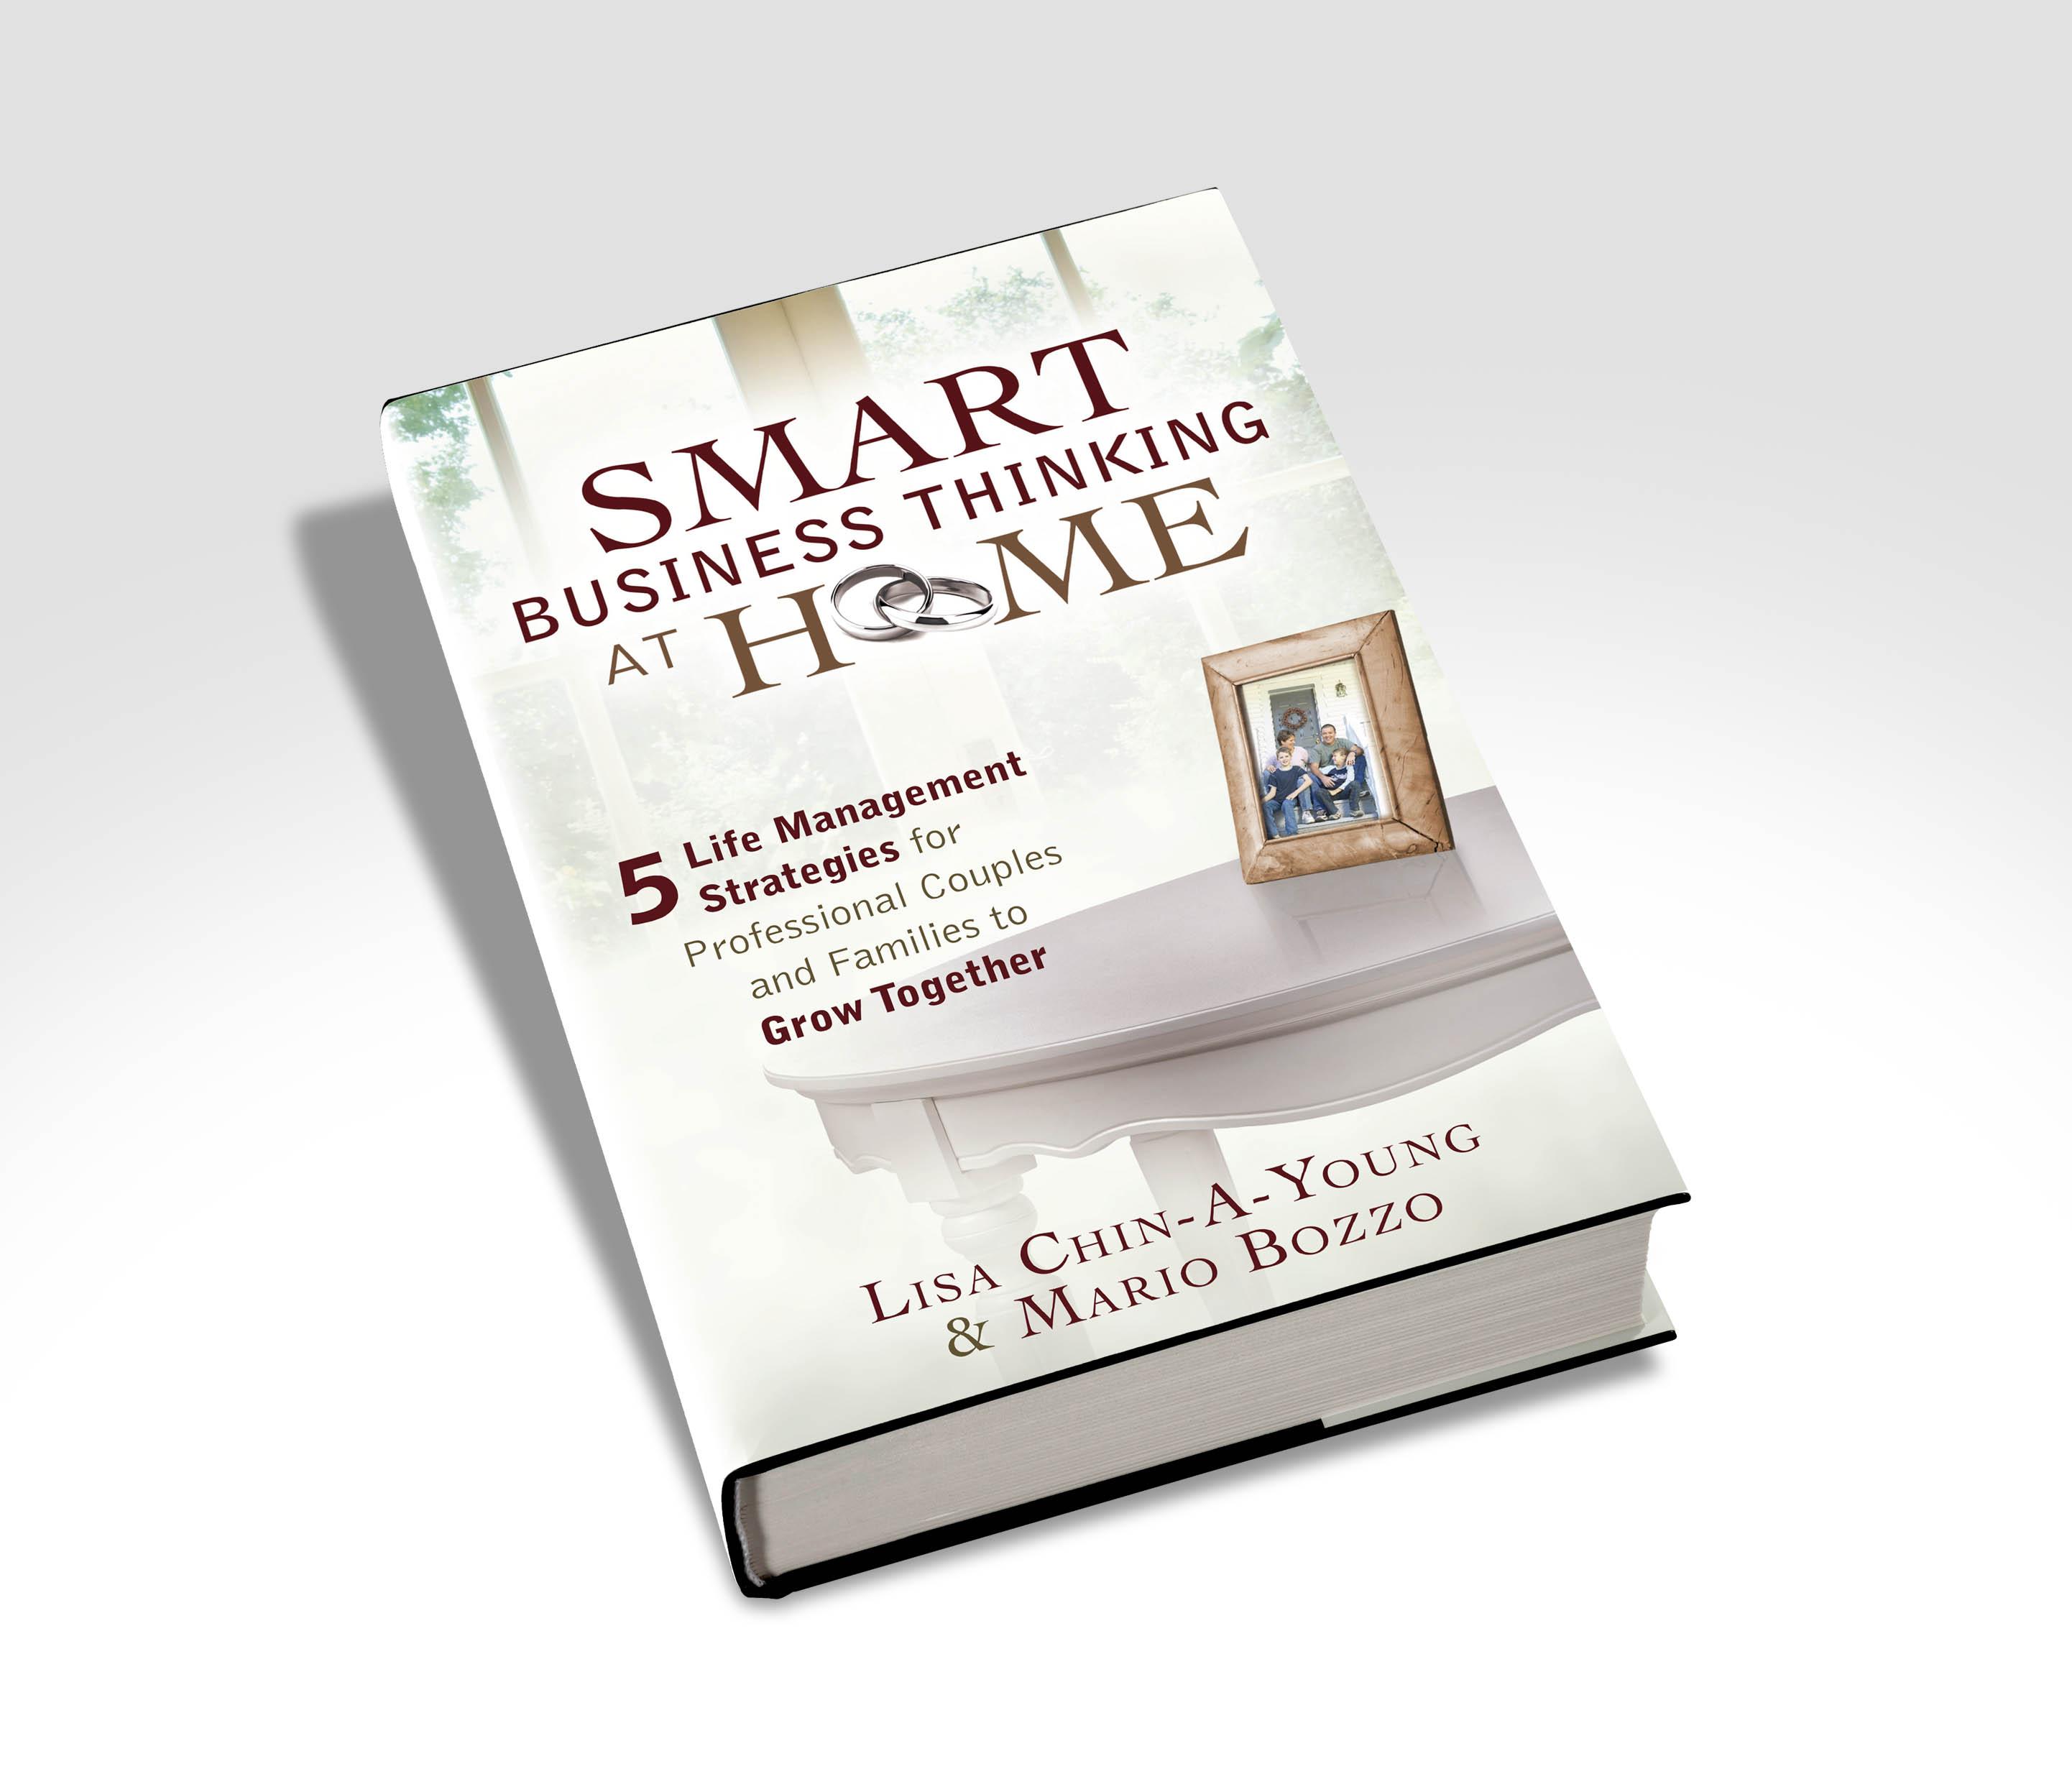 SmartBusiness-Cvr